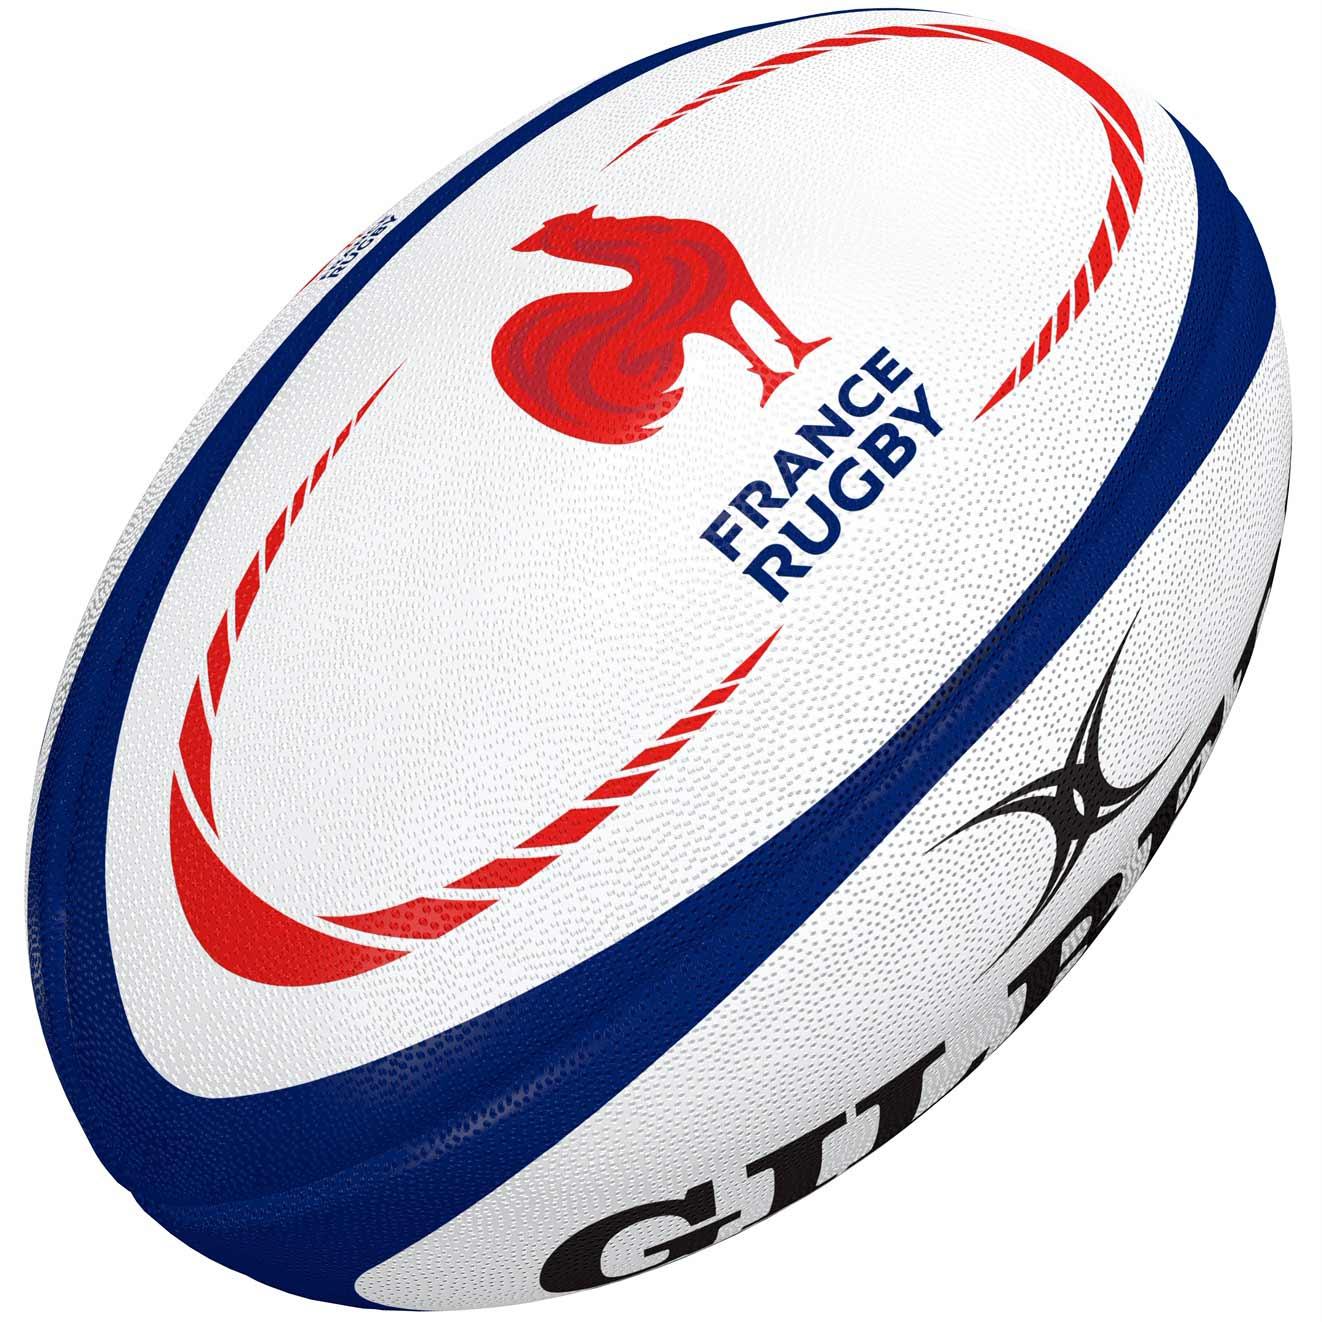 Ballon Rugby Gilbert France 2020